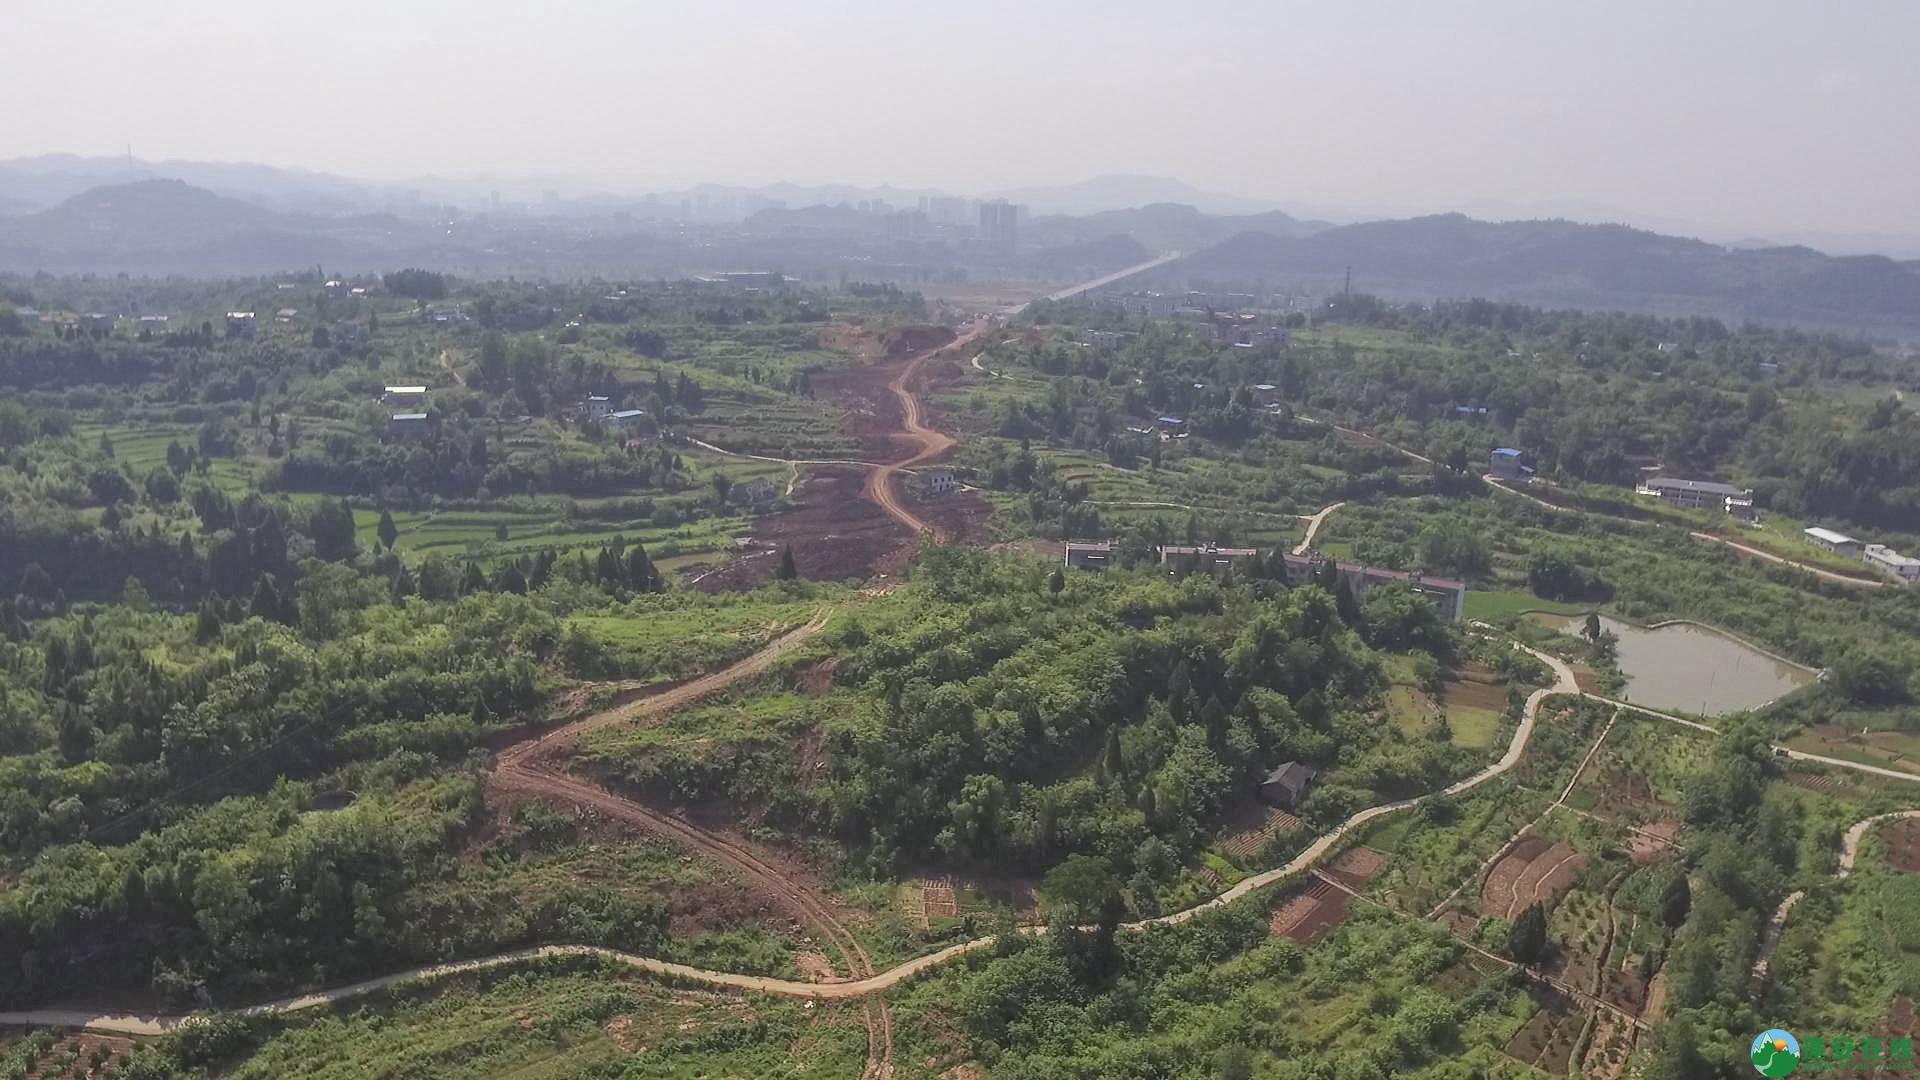 蓬安锦屏段S305省道改线工程进展 - 第22张  | 蓬安在线